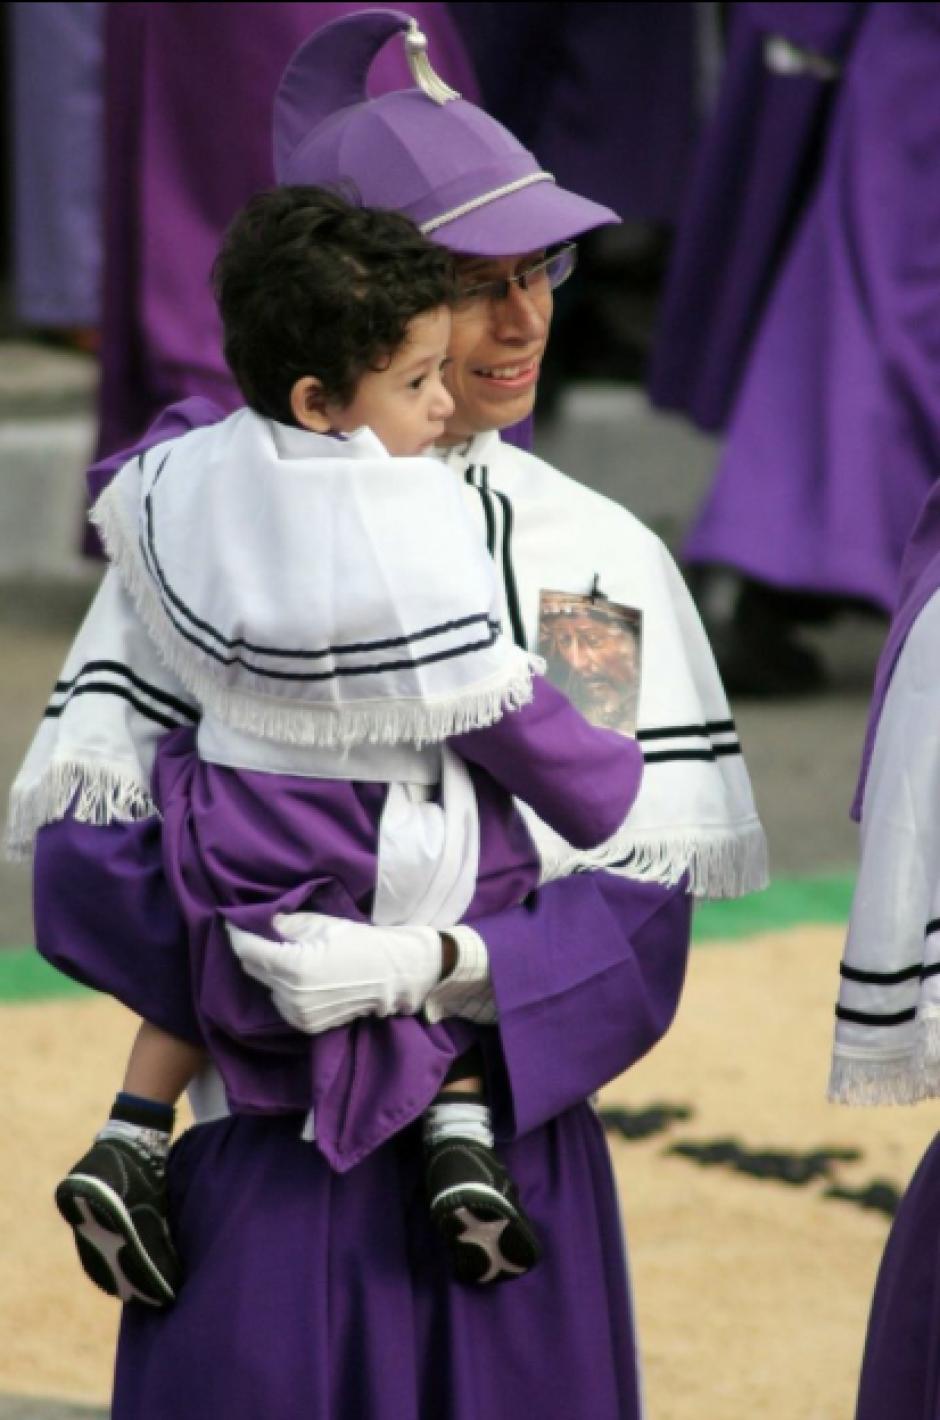 Pequeños y grandes participan de esta tradición centenaria. (Foto: Raúl Illescas/Soy502)